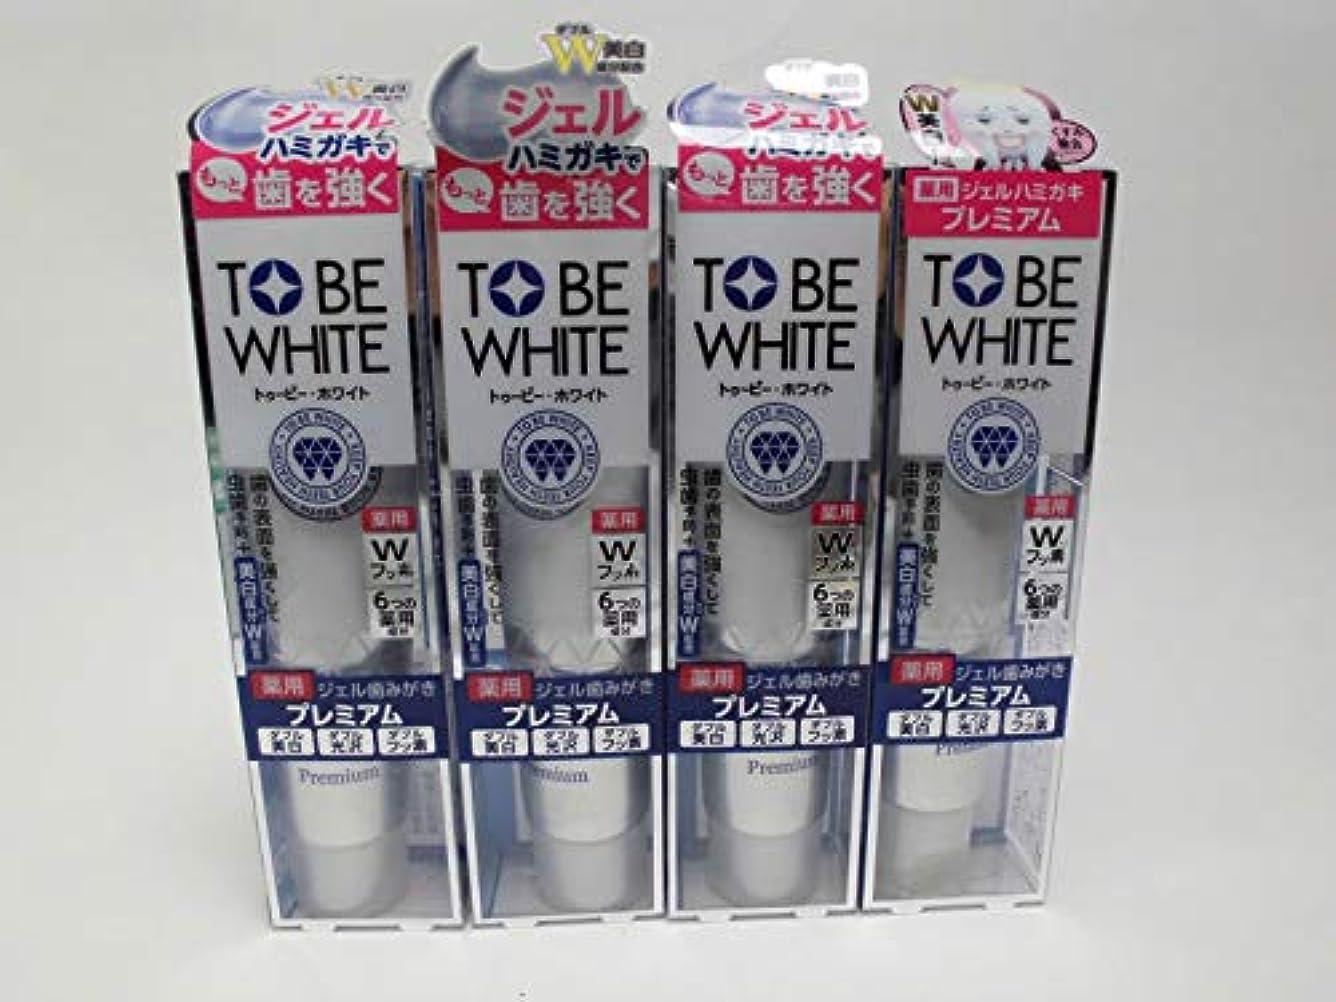 コントロールビザ鷲【4個セット】「歯周病予防+ホワイトニング」 トゥービー?ホワイト 薬用デンタル ジェル プレミアム (60g) 定価1540円×4個